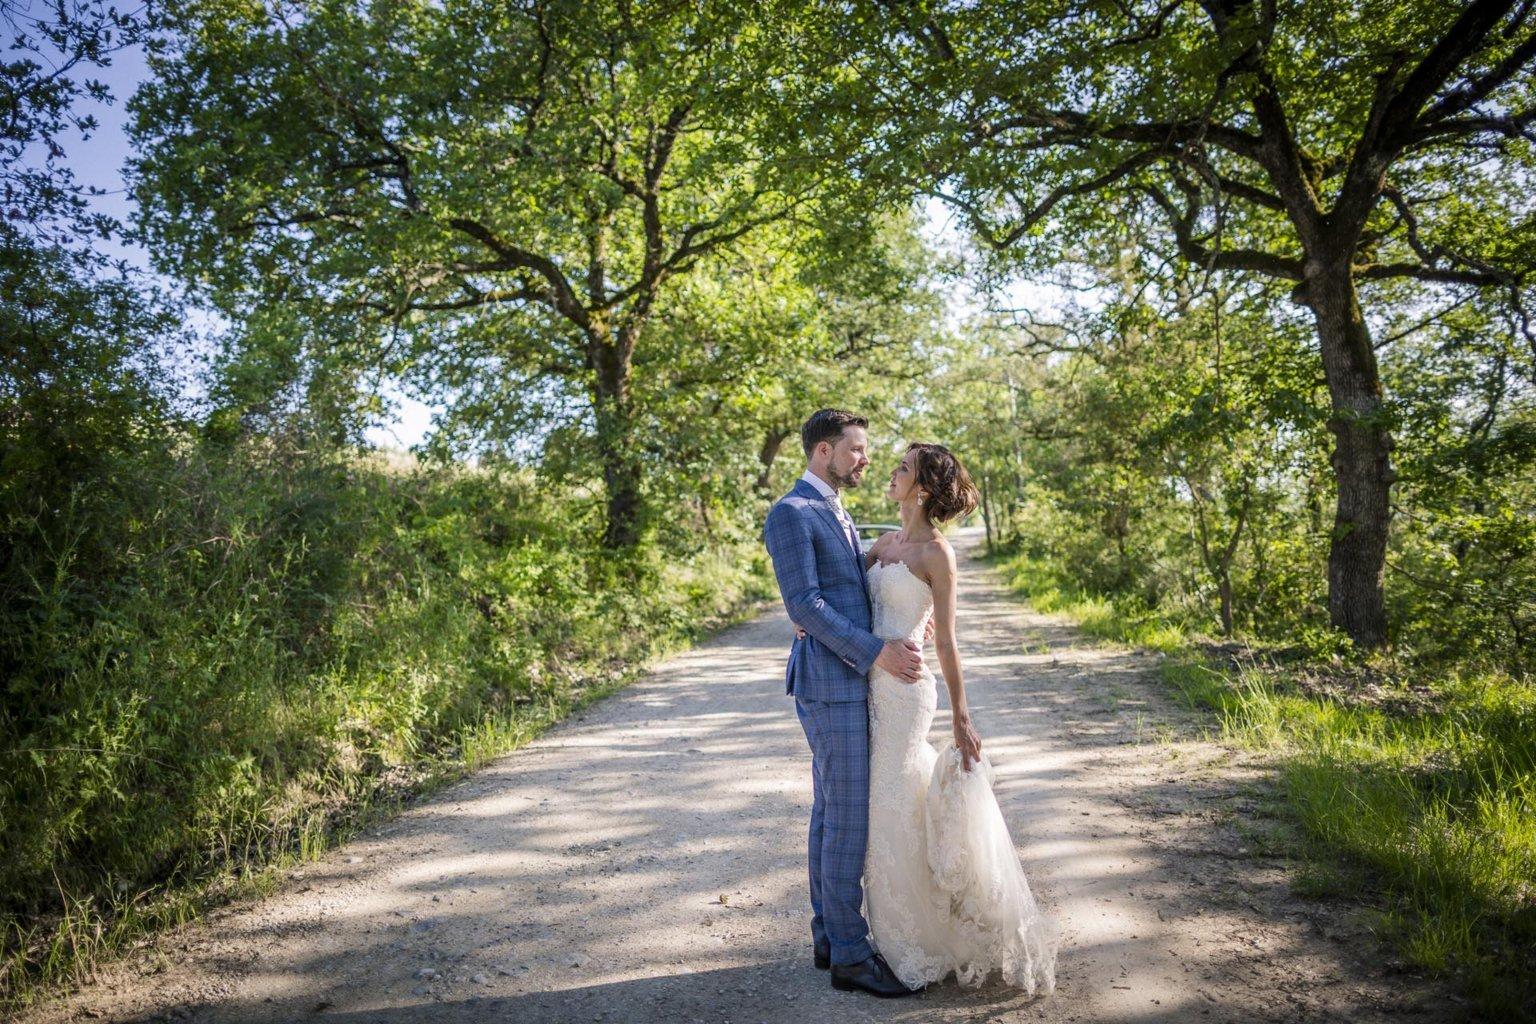 Matrimonio in Umbria - Wedding in Umbria 16